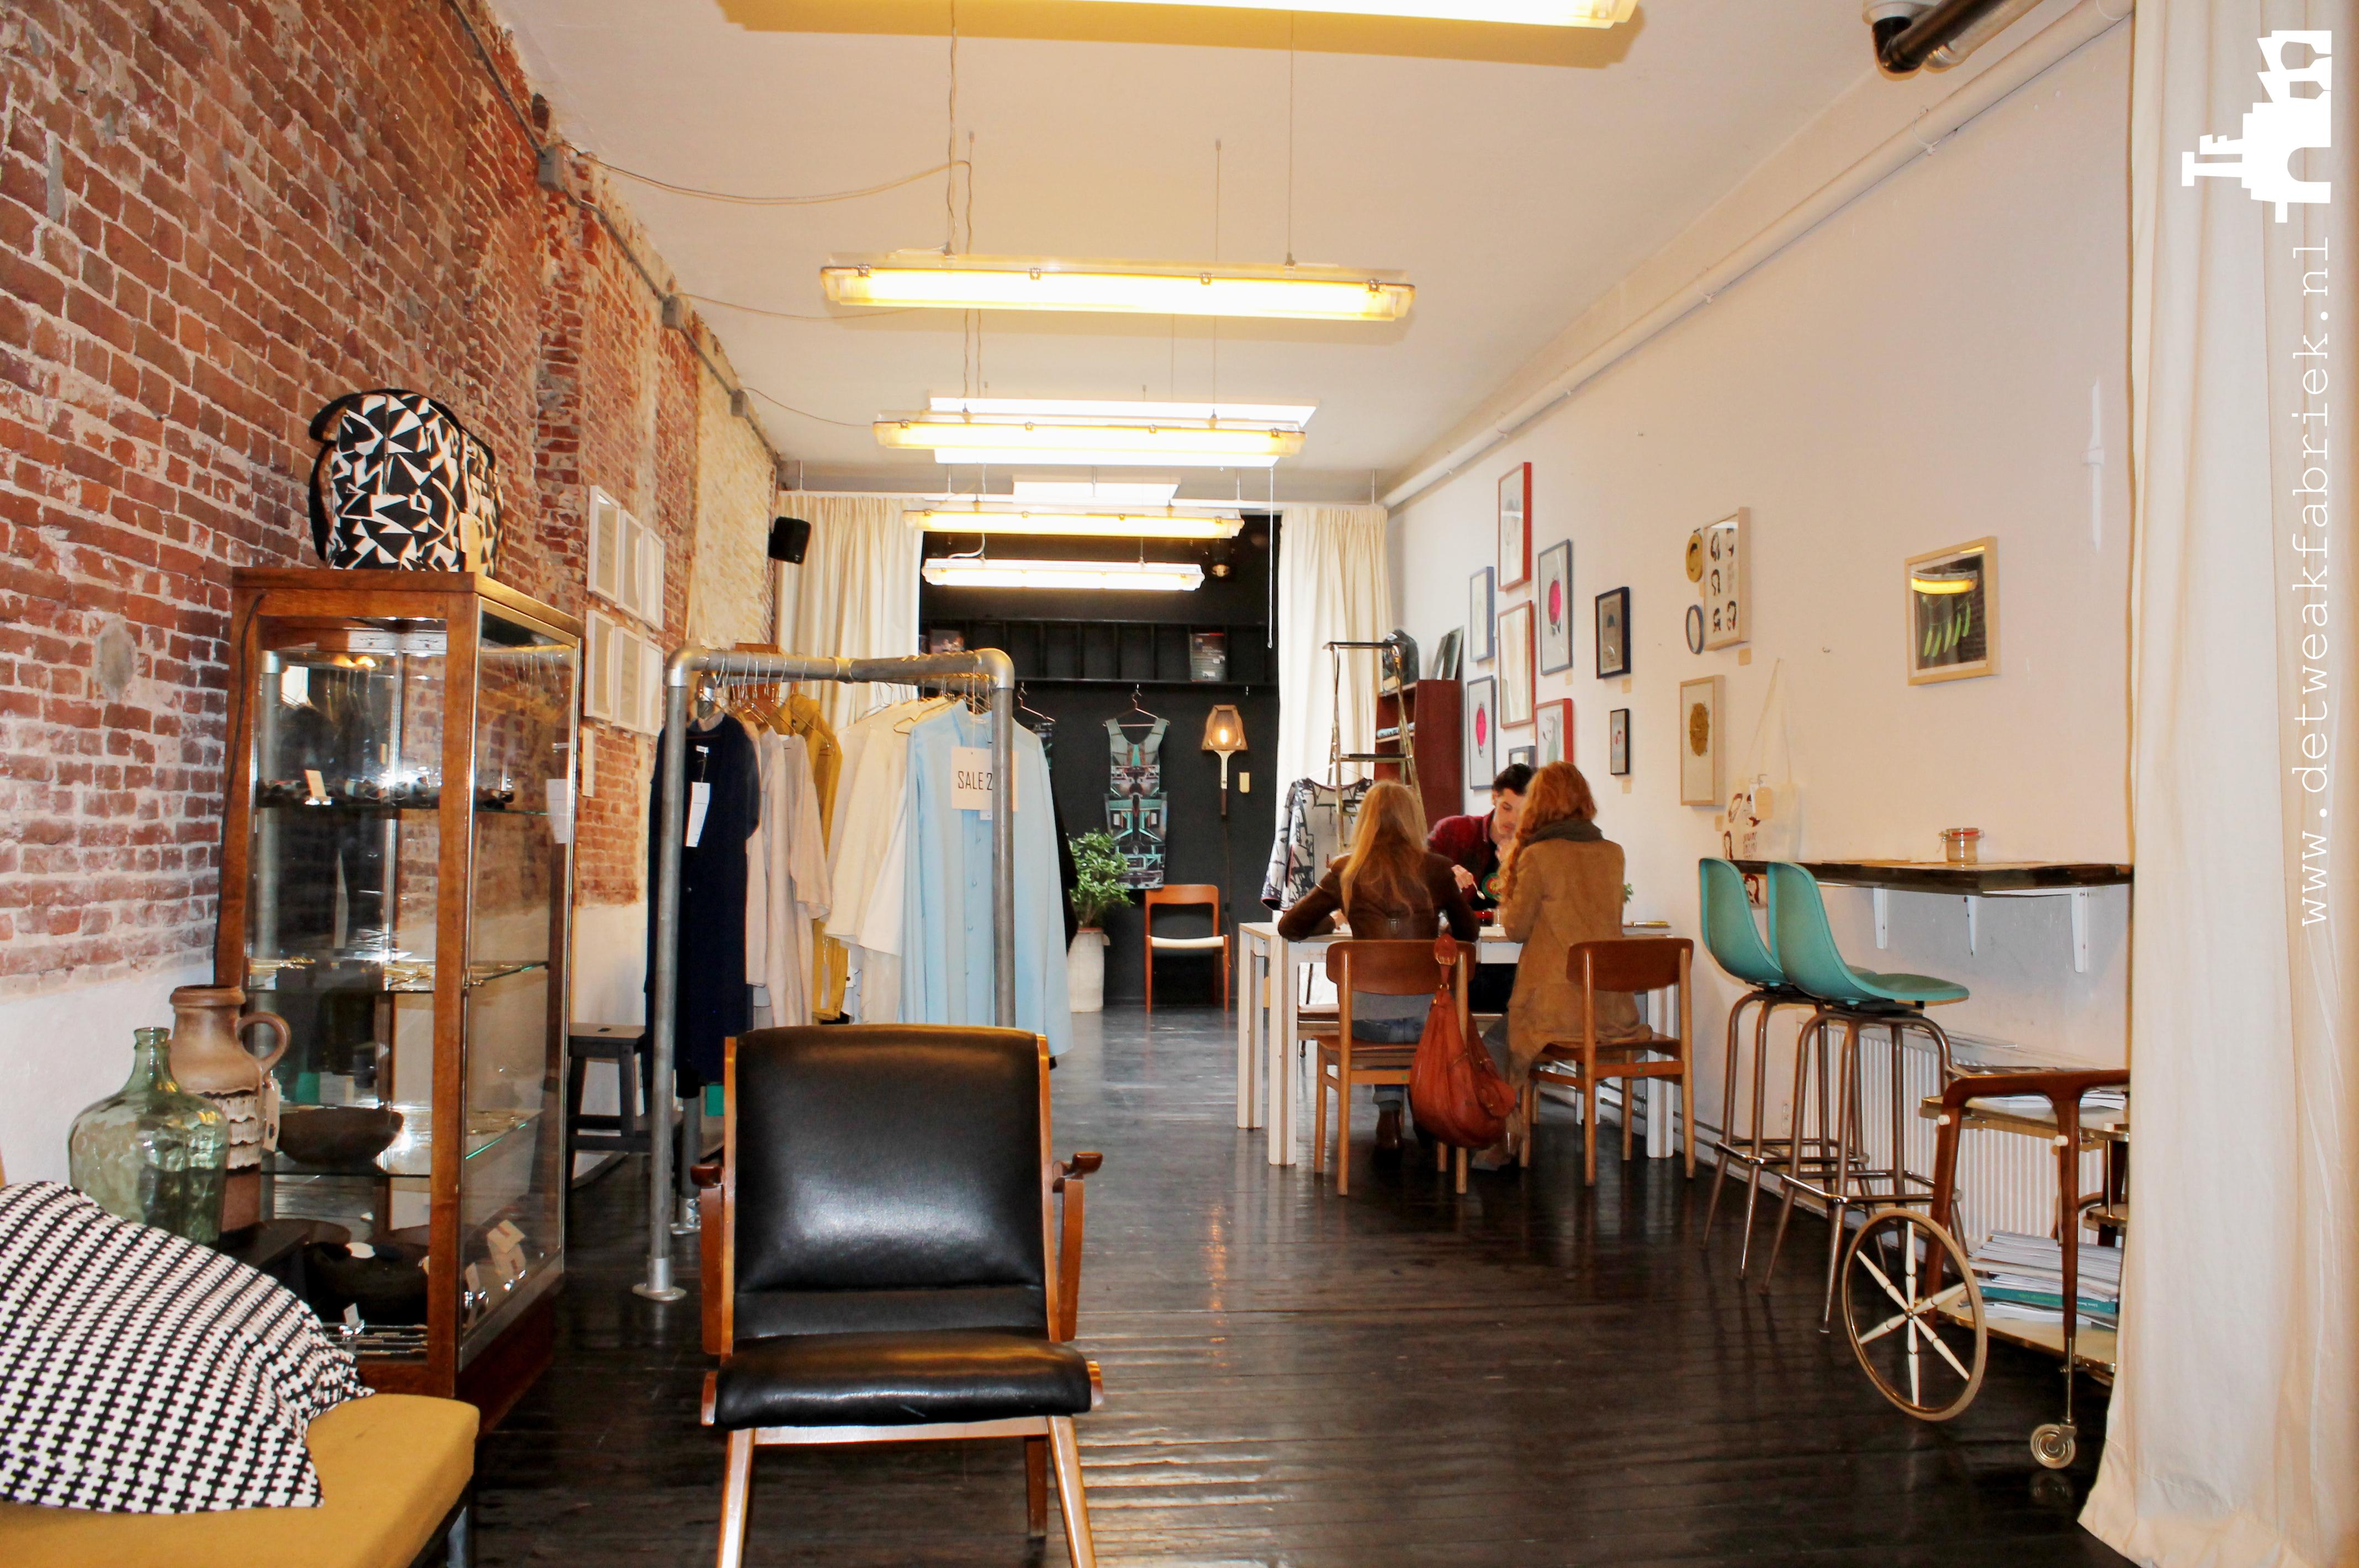 #9B693022396496 Rondje Amsterdamse Winkels: #1 – KOKO Coffee & Design Meest effectief Badkamer Design Winkel Amsterdam 885 behang 42722840885 afbeeldingen